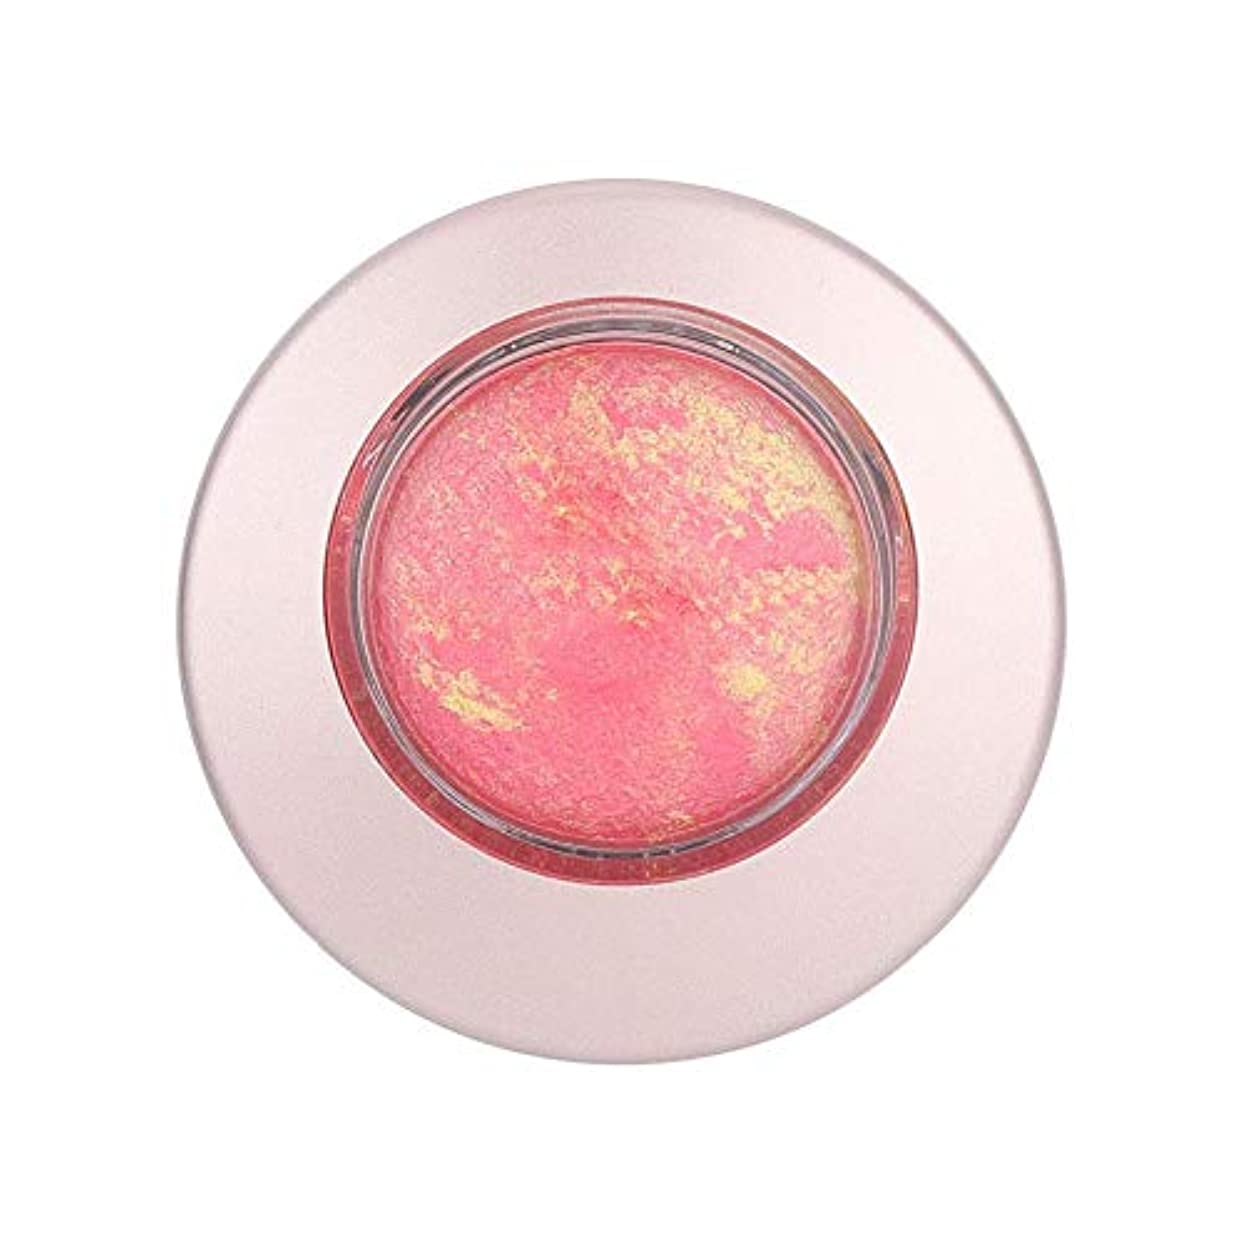 開拓者広告ベル10g 長続きがする 単一色のほお紅の保湿の明るくなる赤面の粉の表面構造(808)